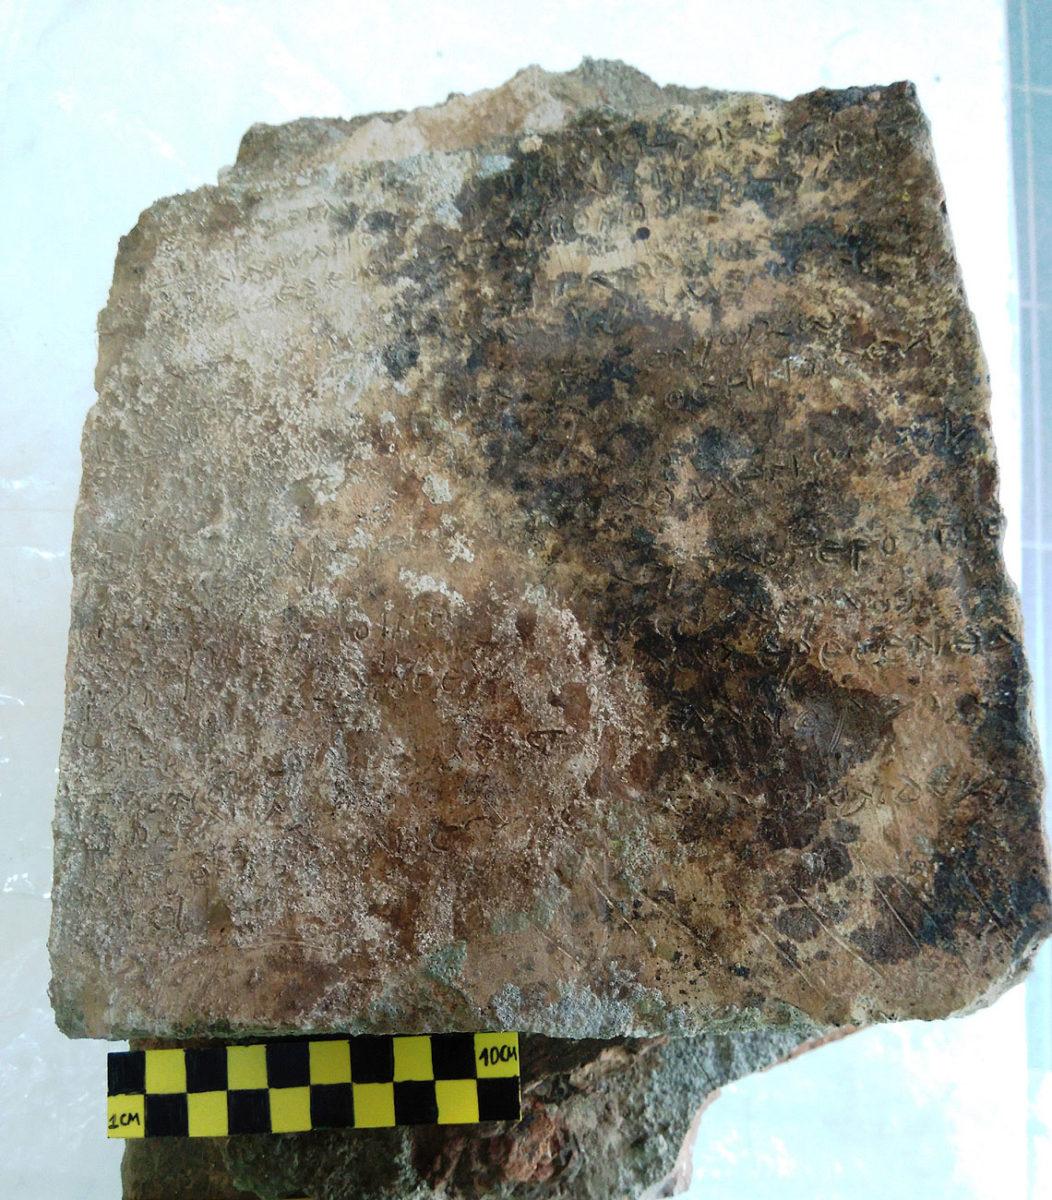 Η πήλινη πλάκα που βρέθηκε σε θέση παρακείμενη του ιερού της Ολυμπίας (φωτ.: ΥΠΠΟΑ).